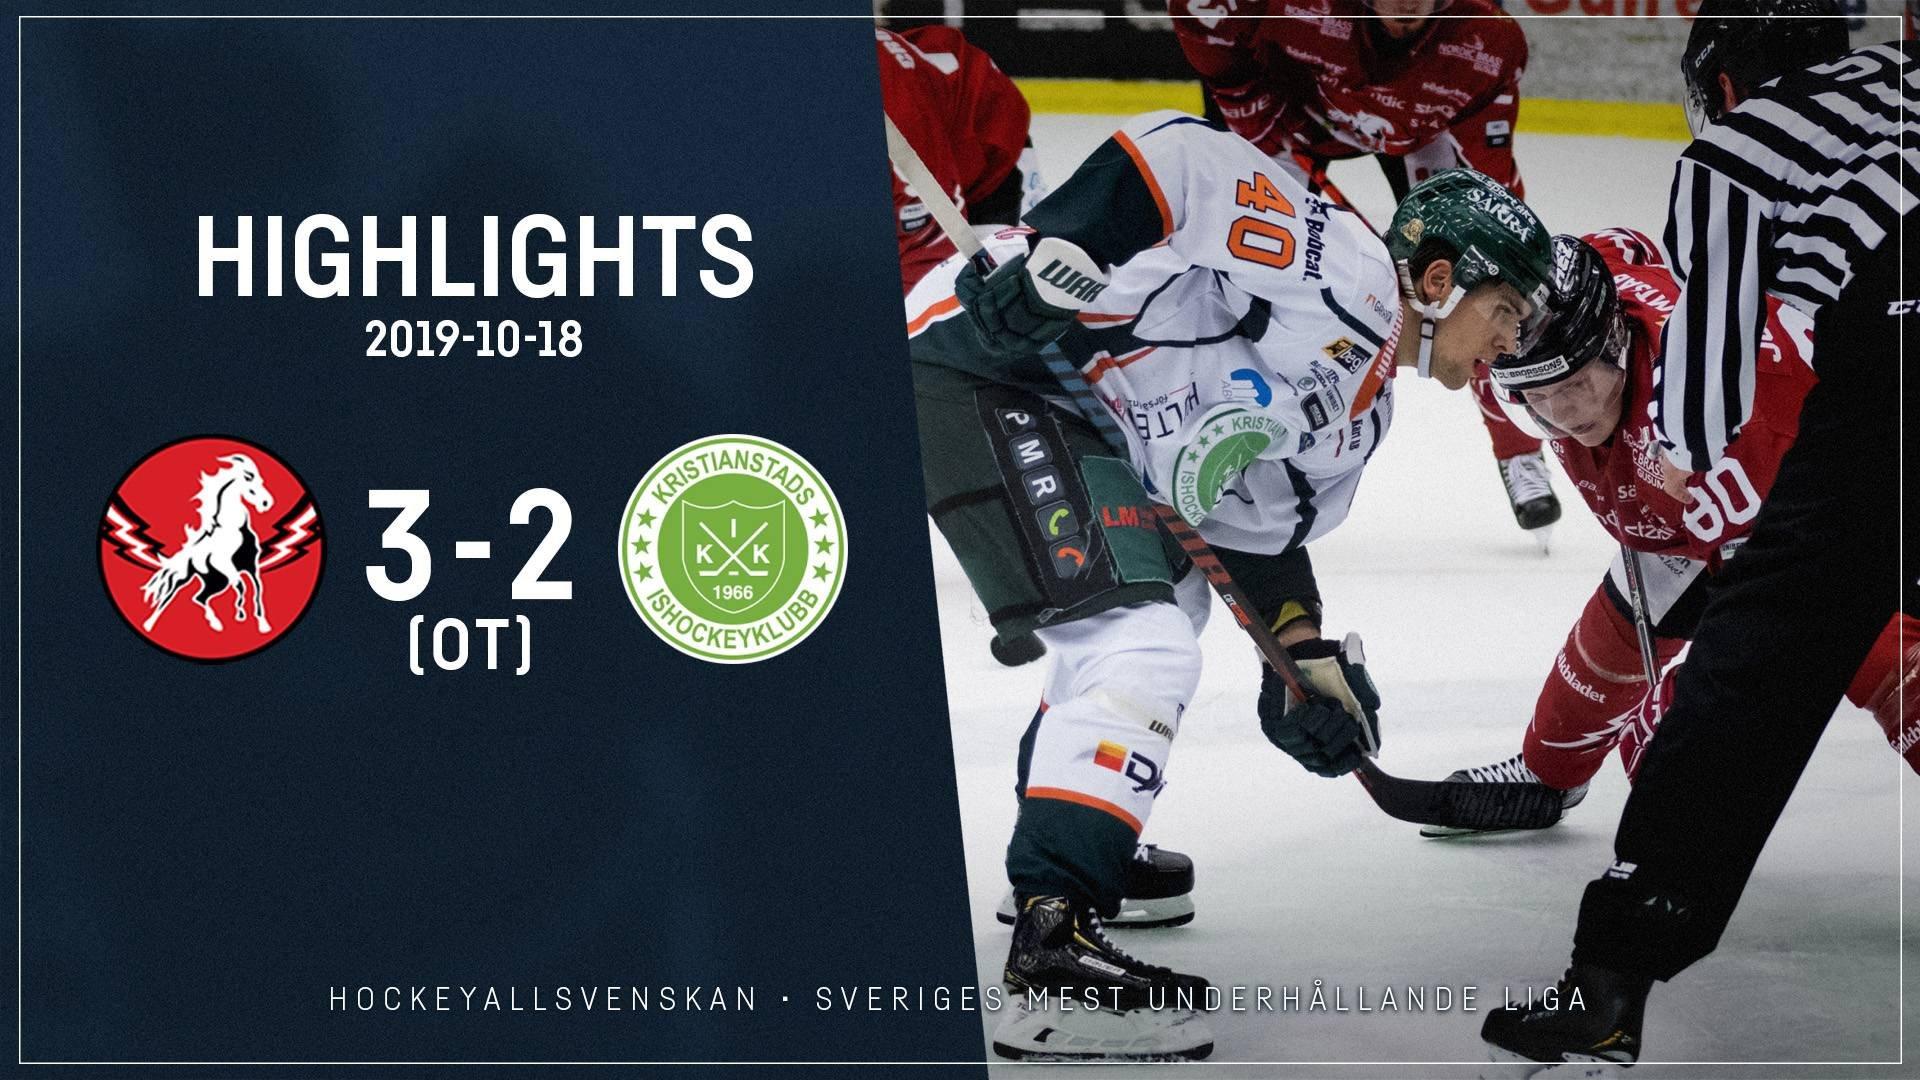 2019-10-18 Vita Hästen - Kristianstad 3-2 (OT)